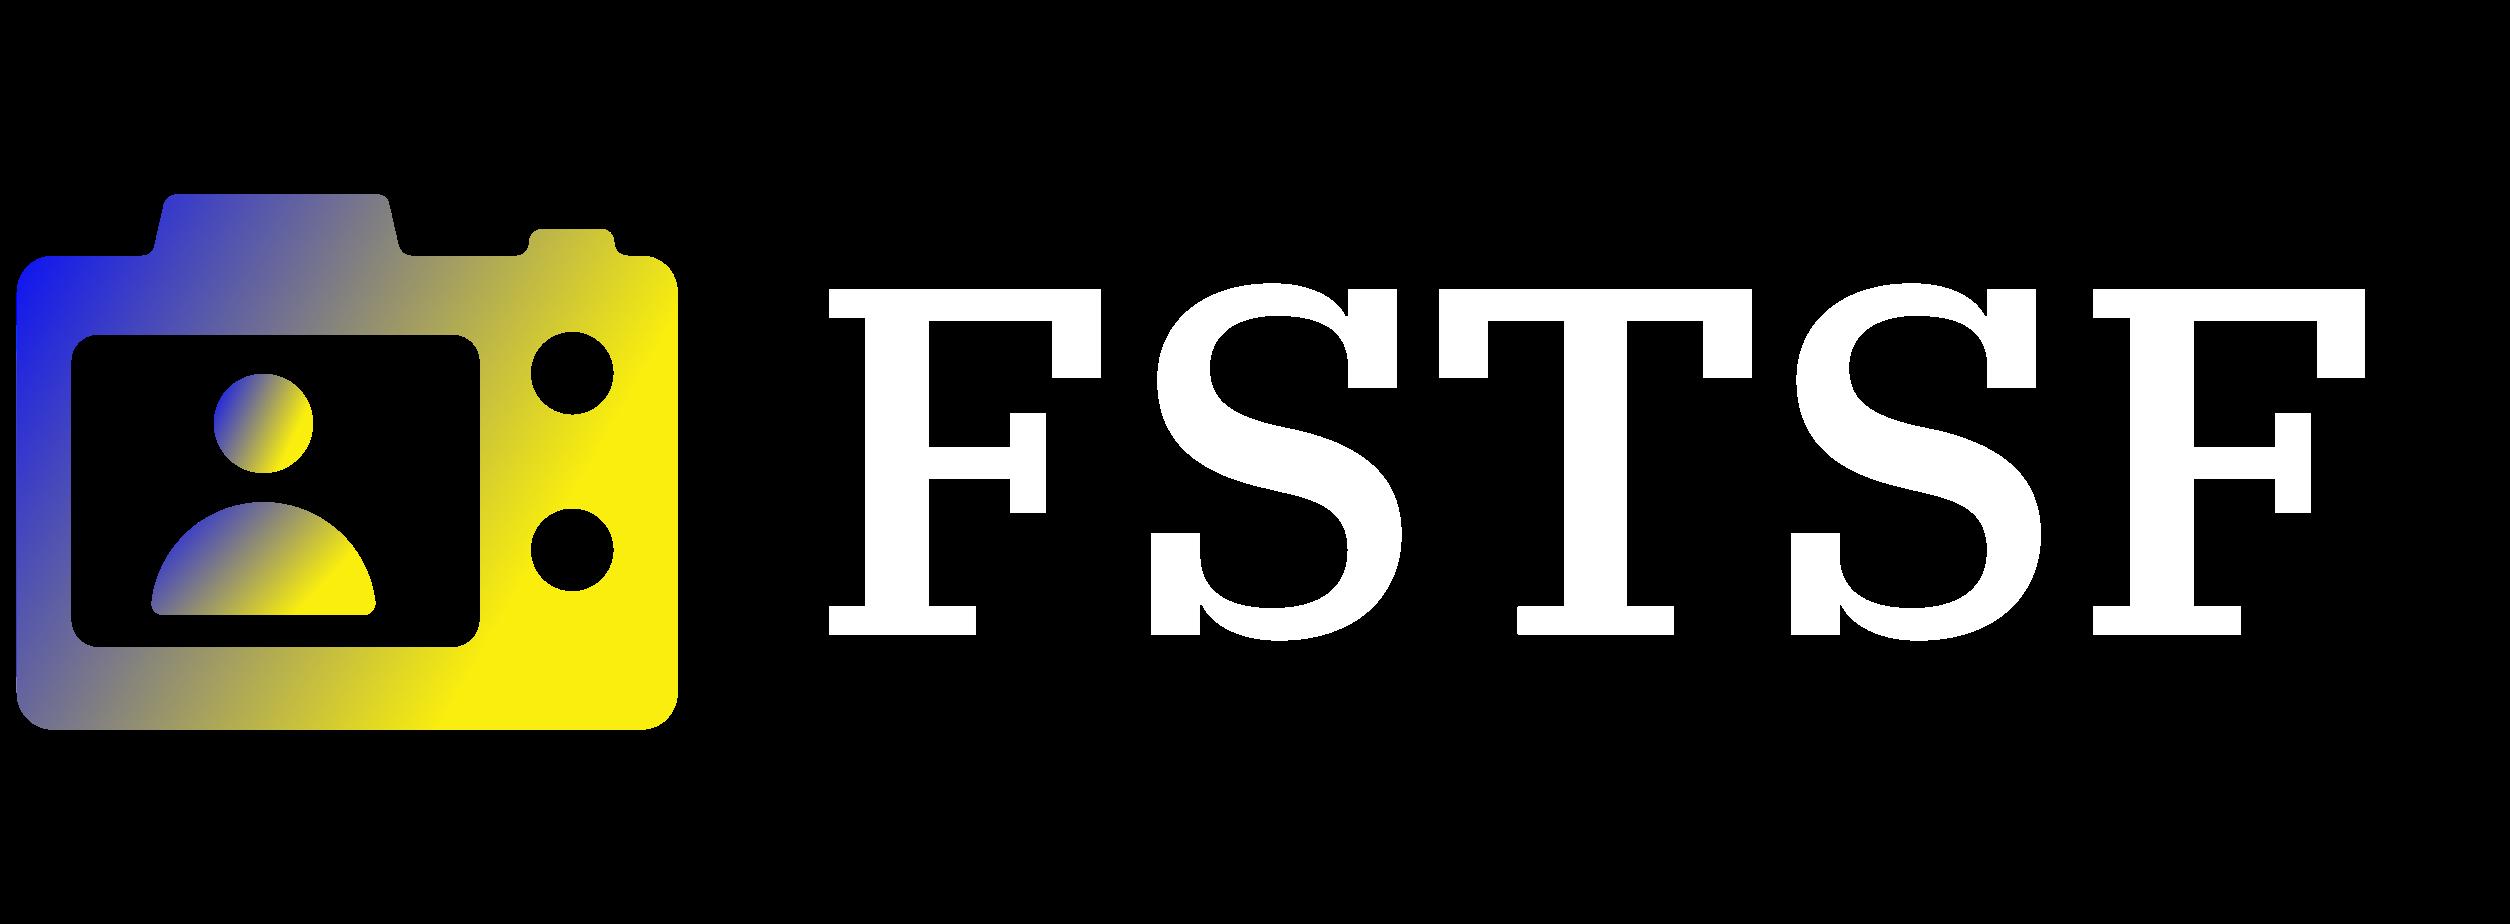 FSTSF